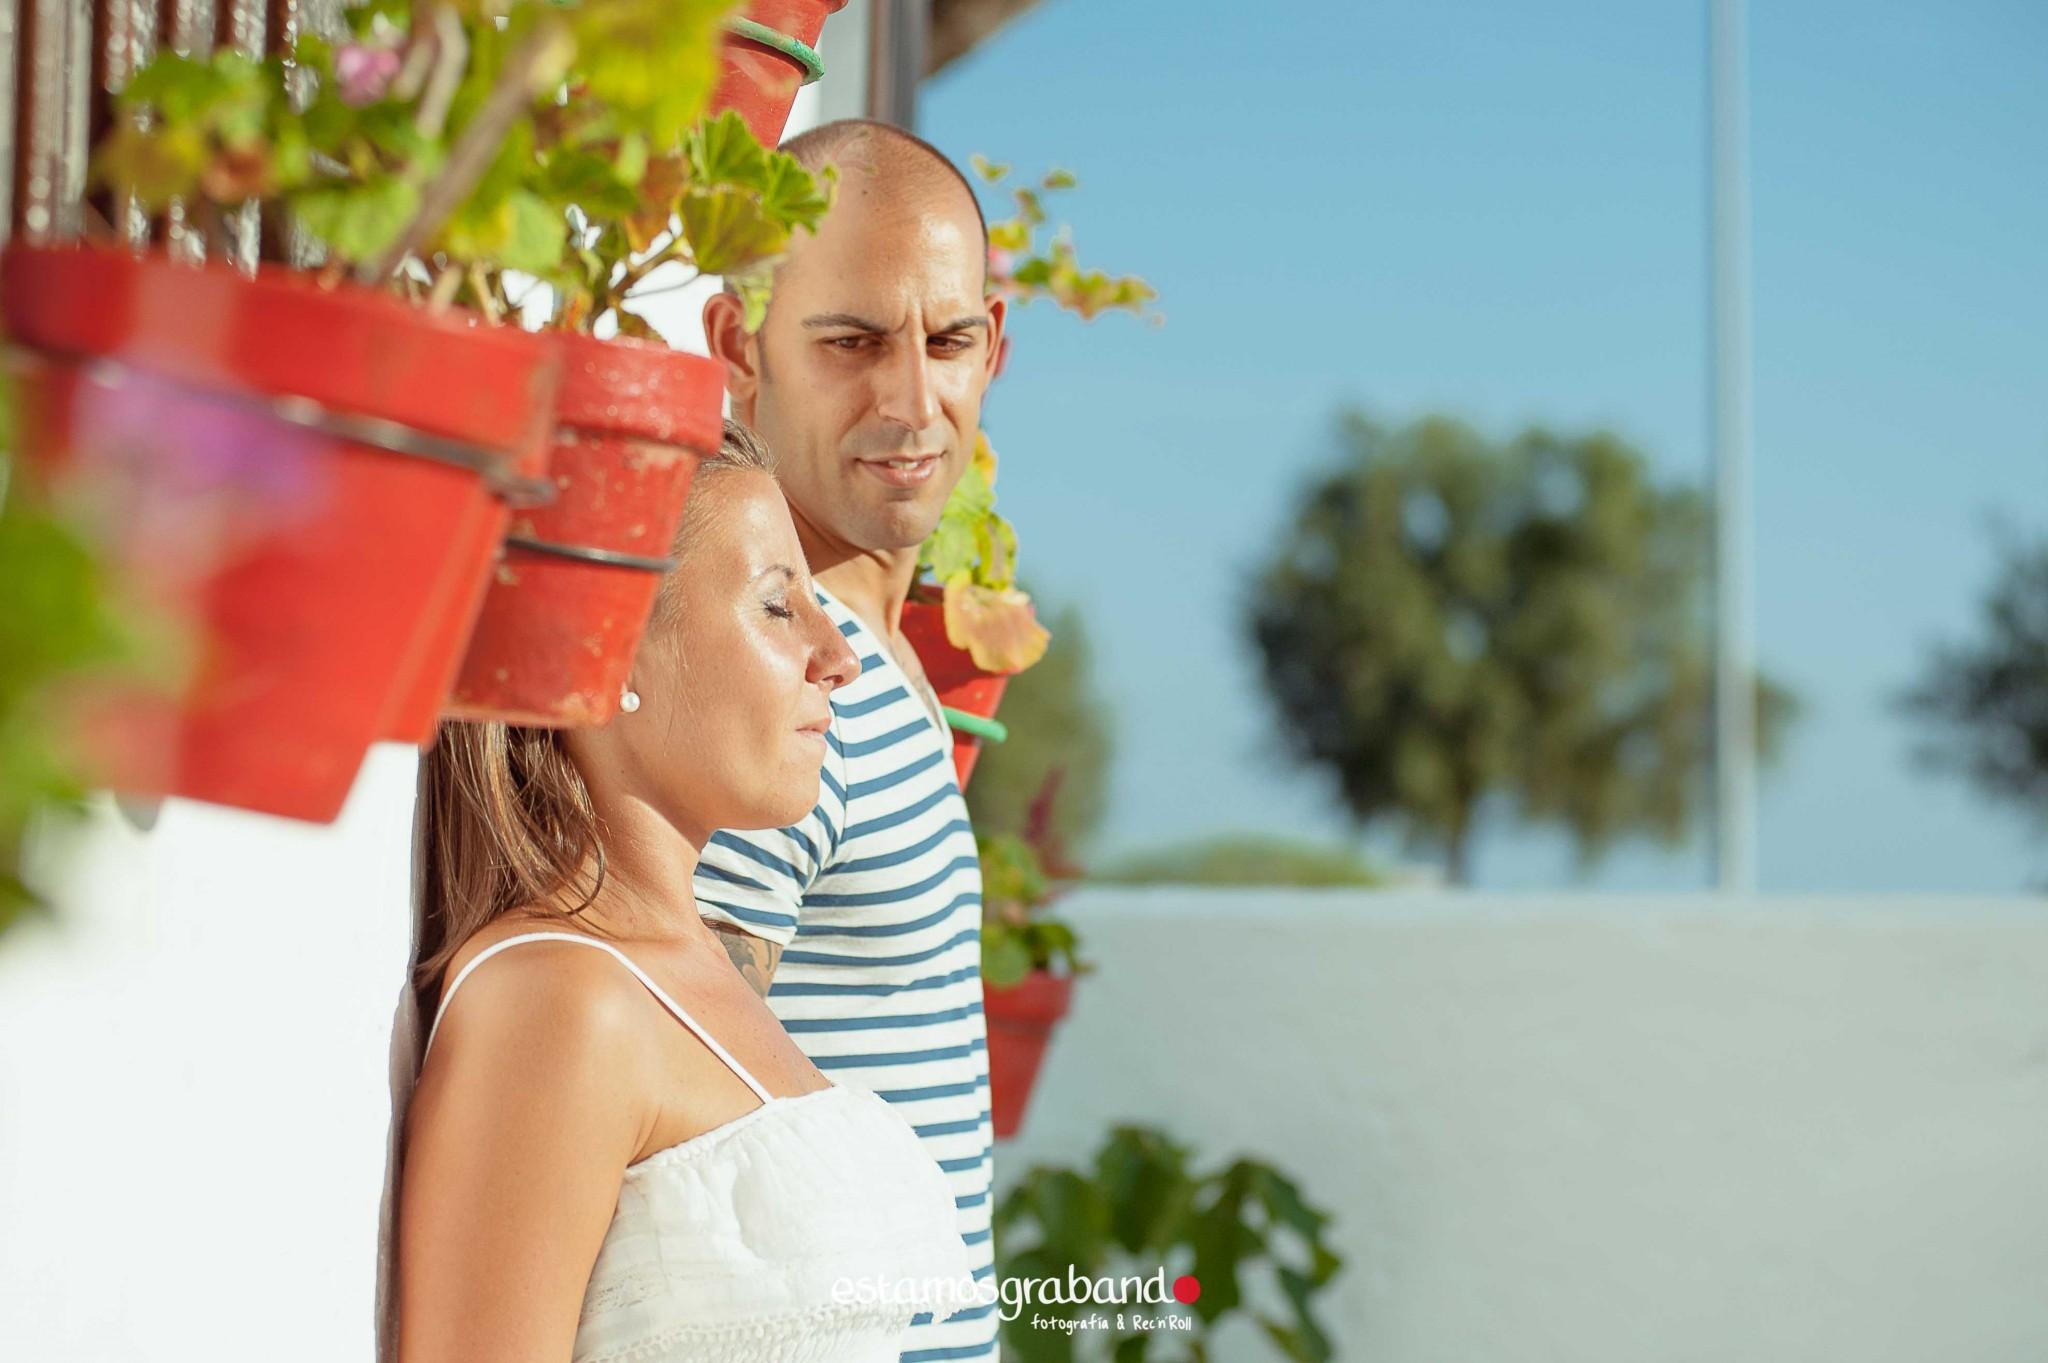 pareja-misteriosa_estamosgrabando-171 Sancti Petri y sus luces [Preboda Raquel & Ale] - video boda cadiz